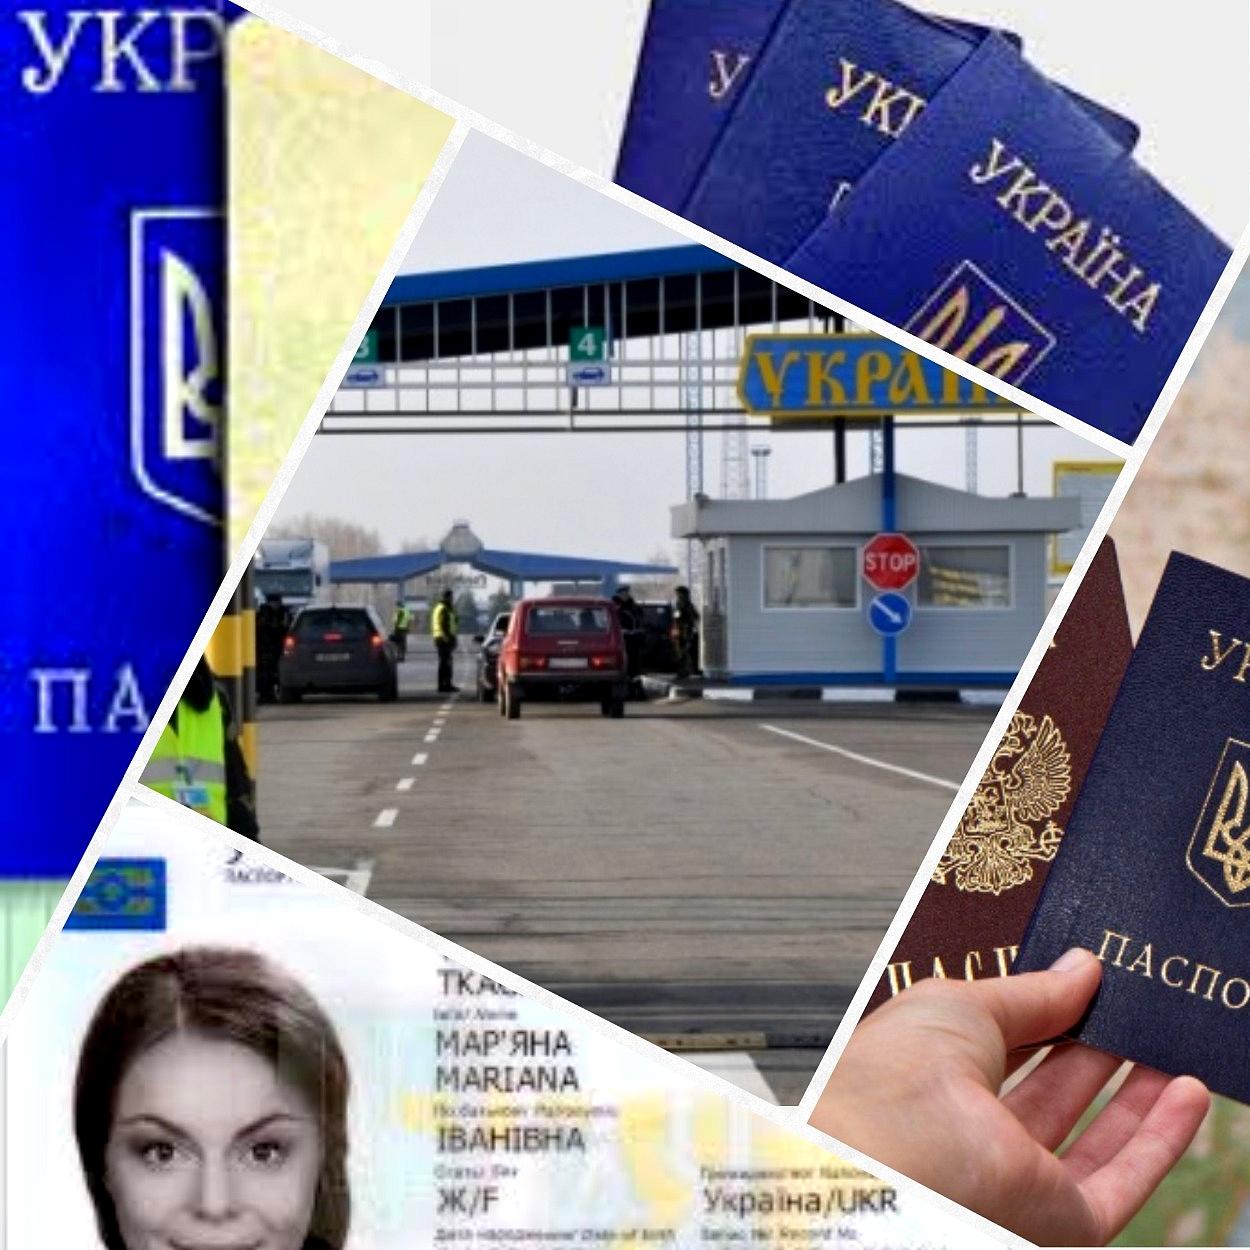 Какие документы нужны для поездки в Крым